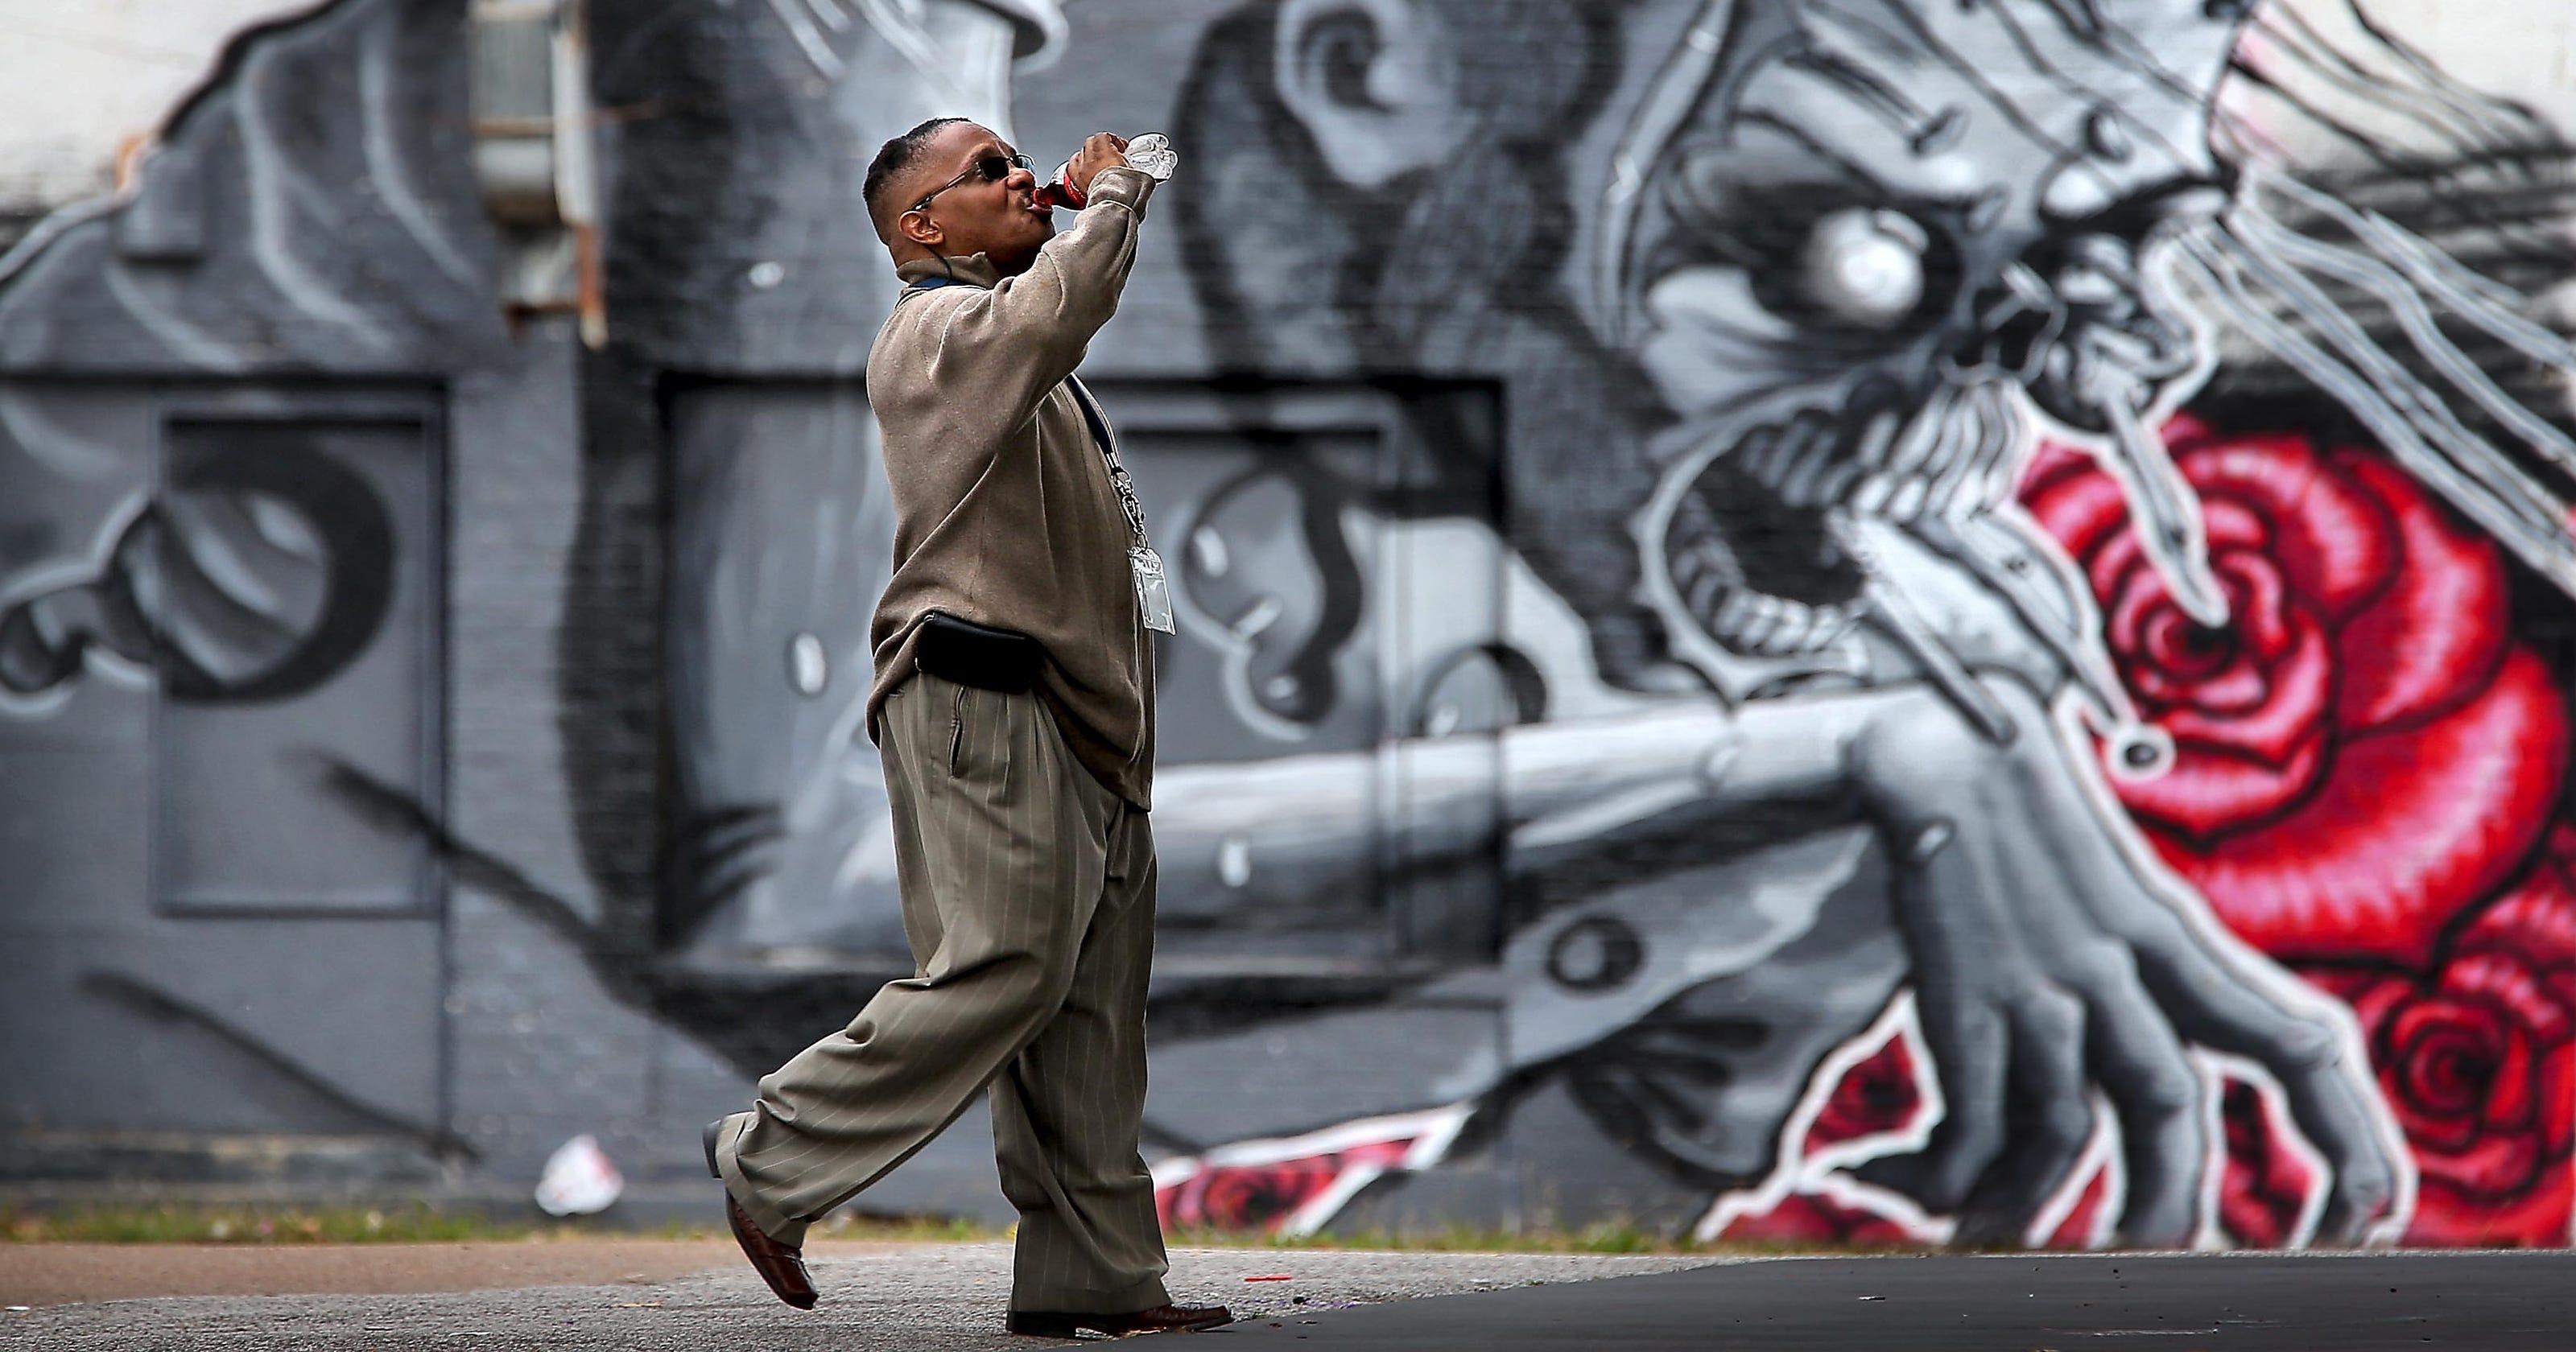 Memphis zombie mural council slams satanic artwork